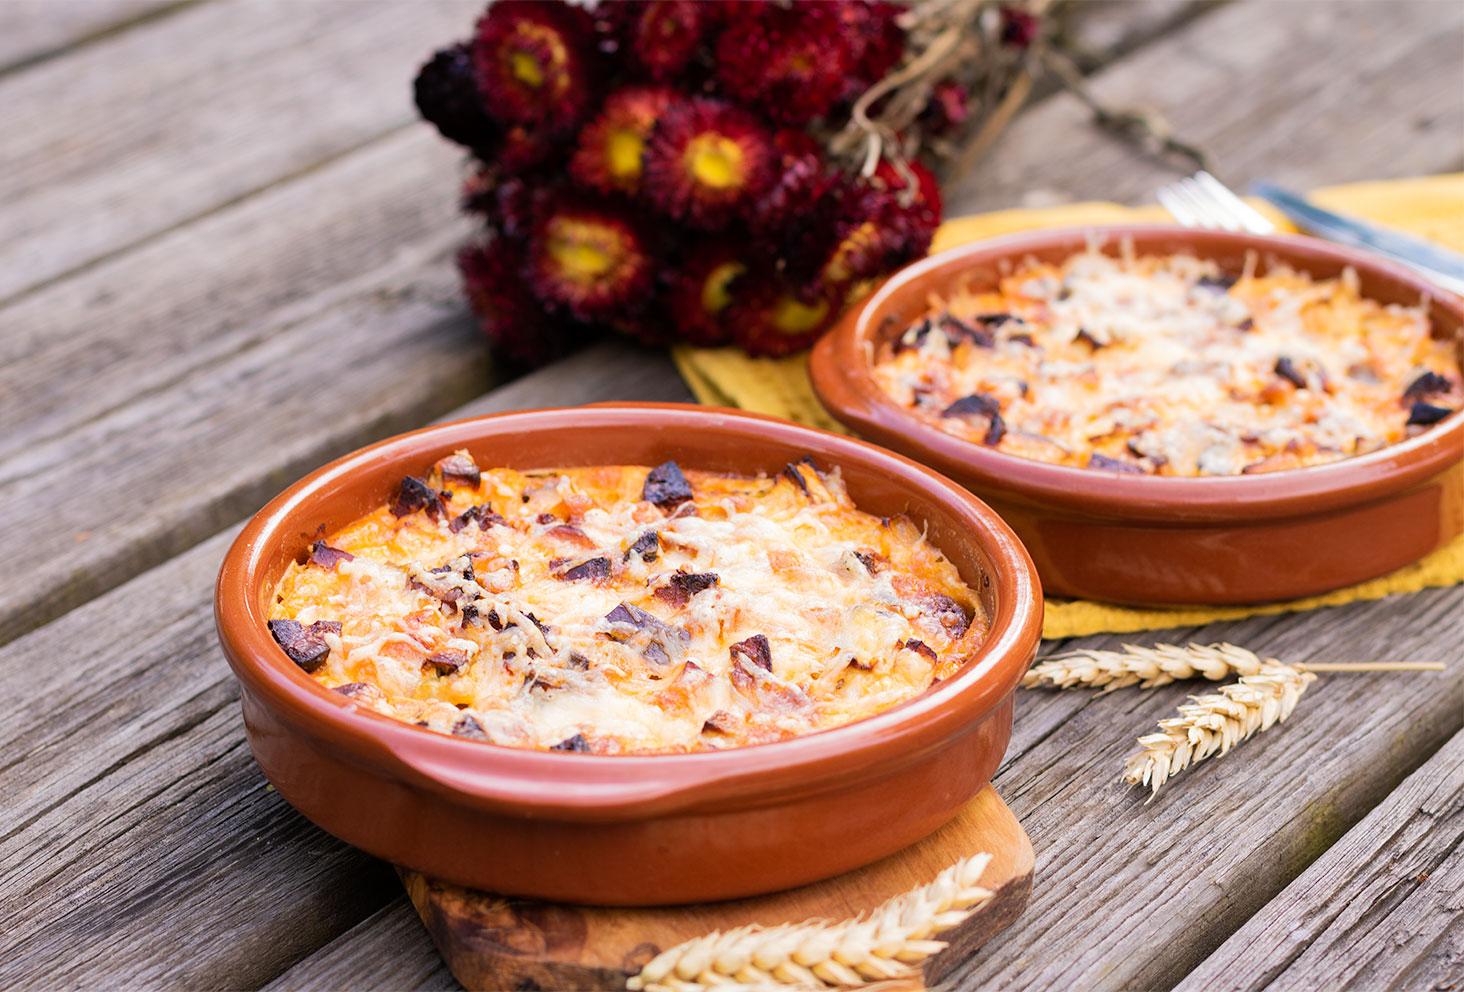 Clafoutis salé aubergine et chorizo posé sur une table en bois au milieu de diverses fleurs séchées